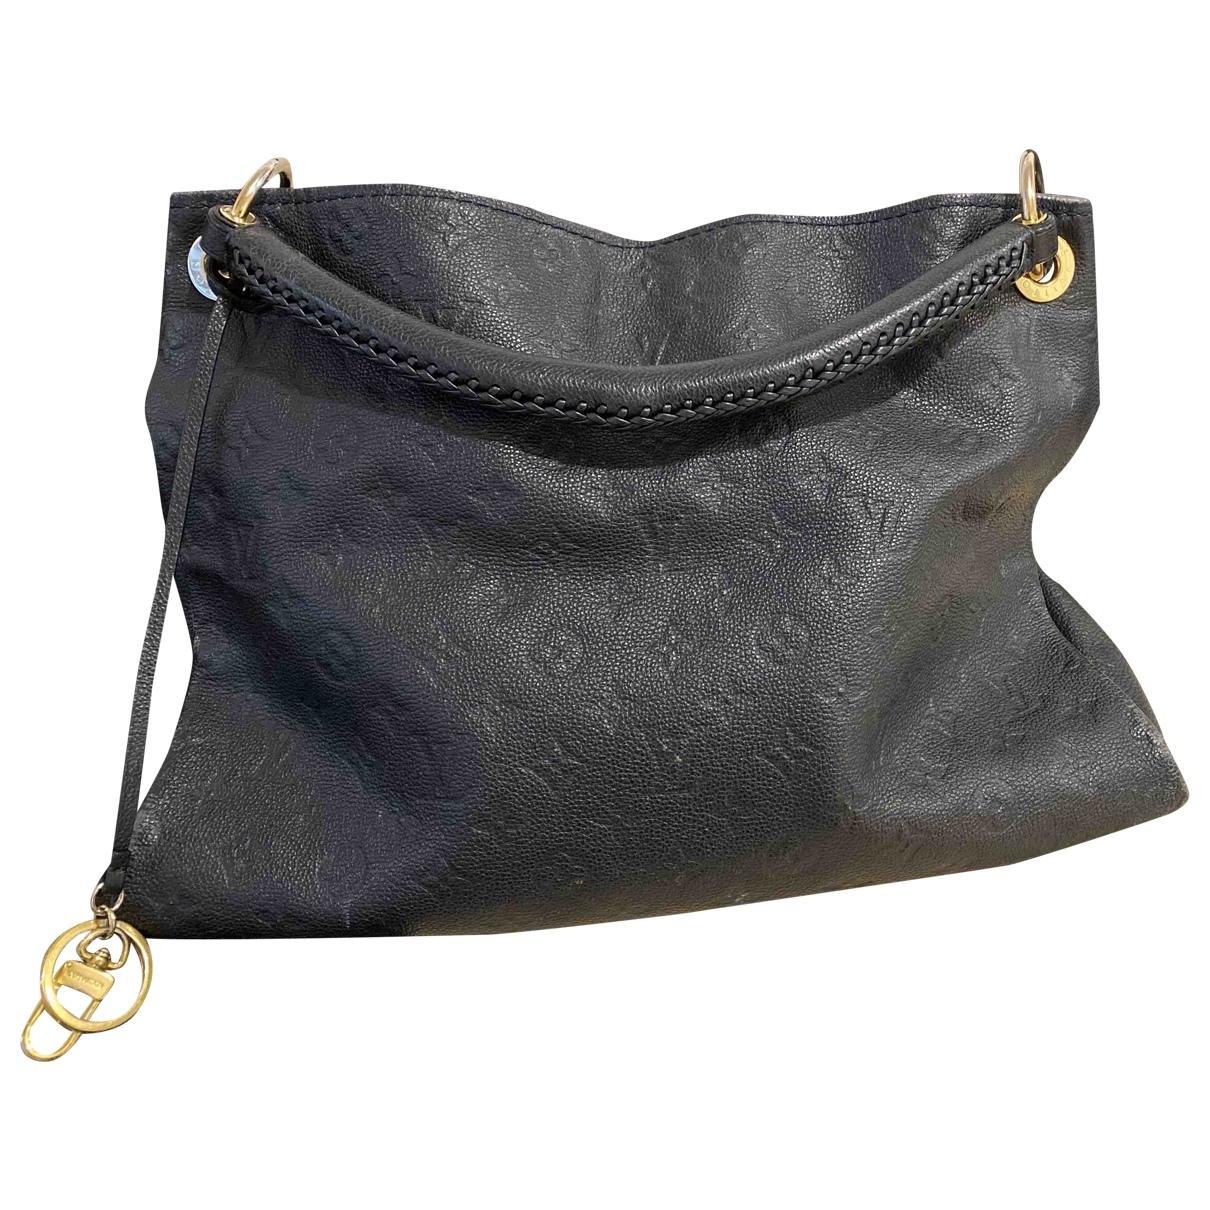 Louis Vuitton Artsy Handtasche in  Marine Leder